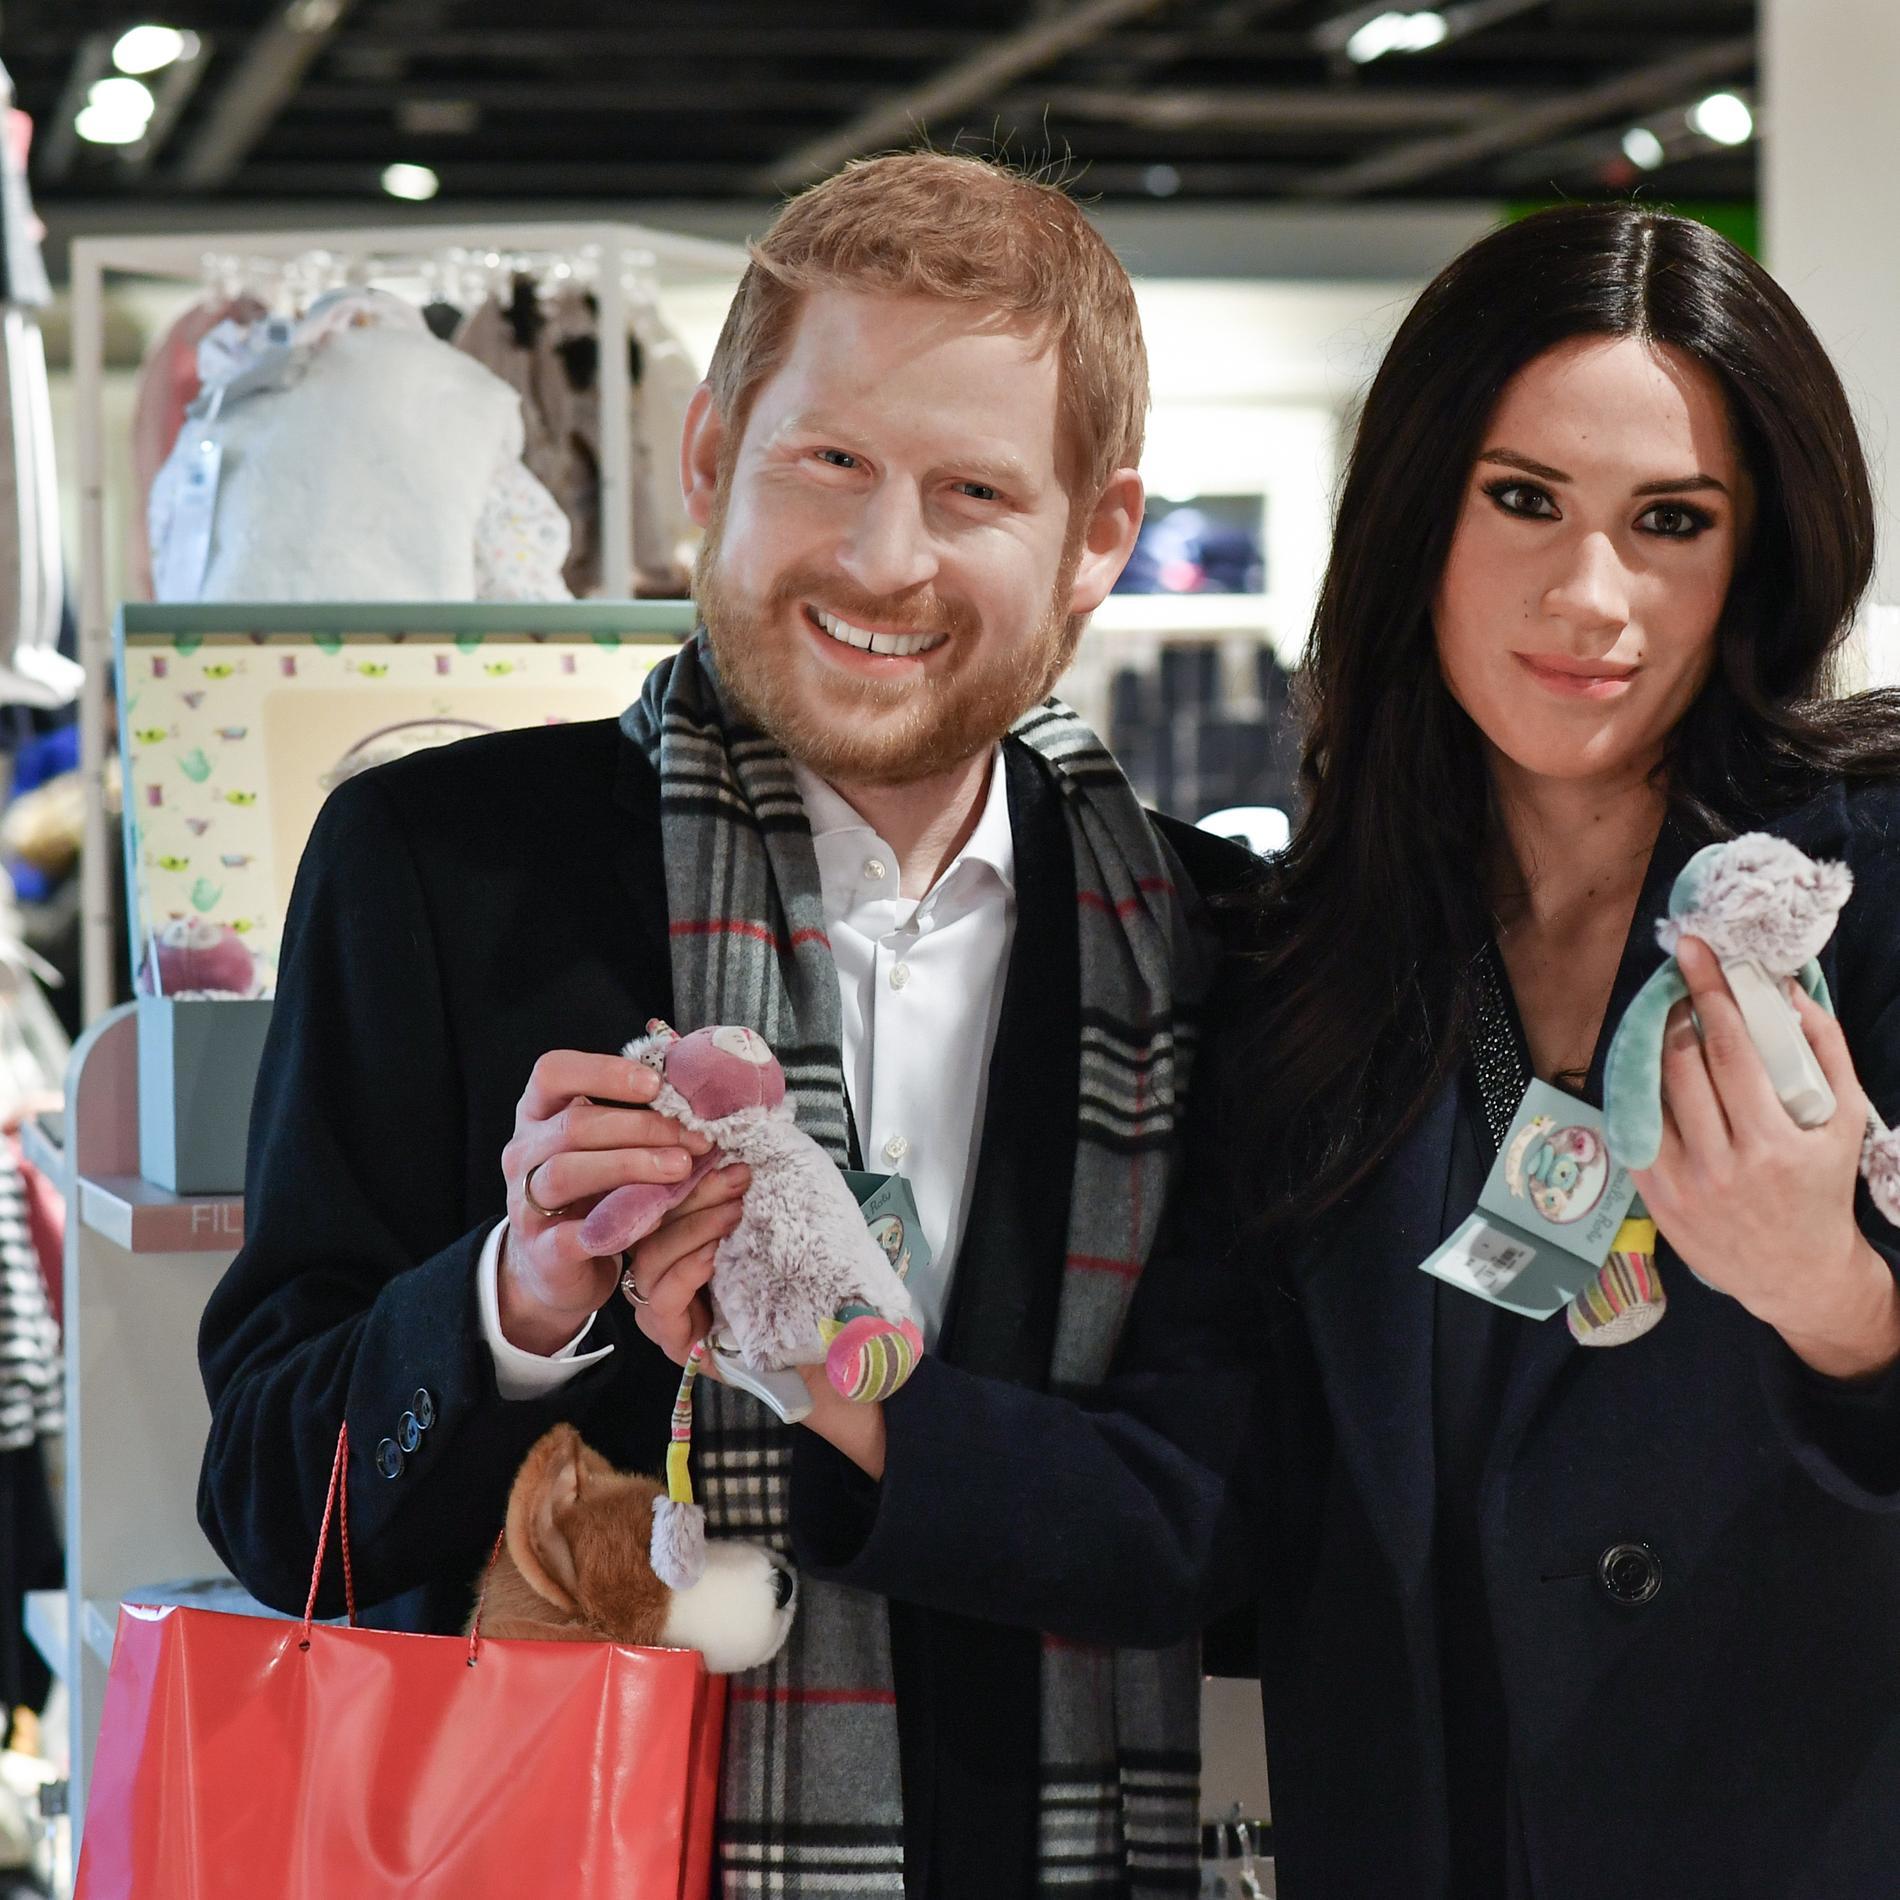 Les masques de cire ratés du prince Harry et Meghan Markle